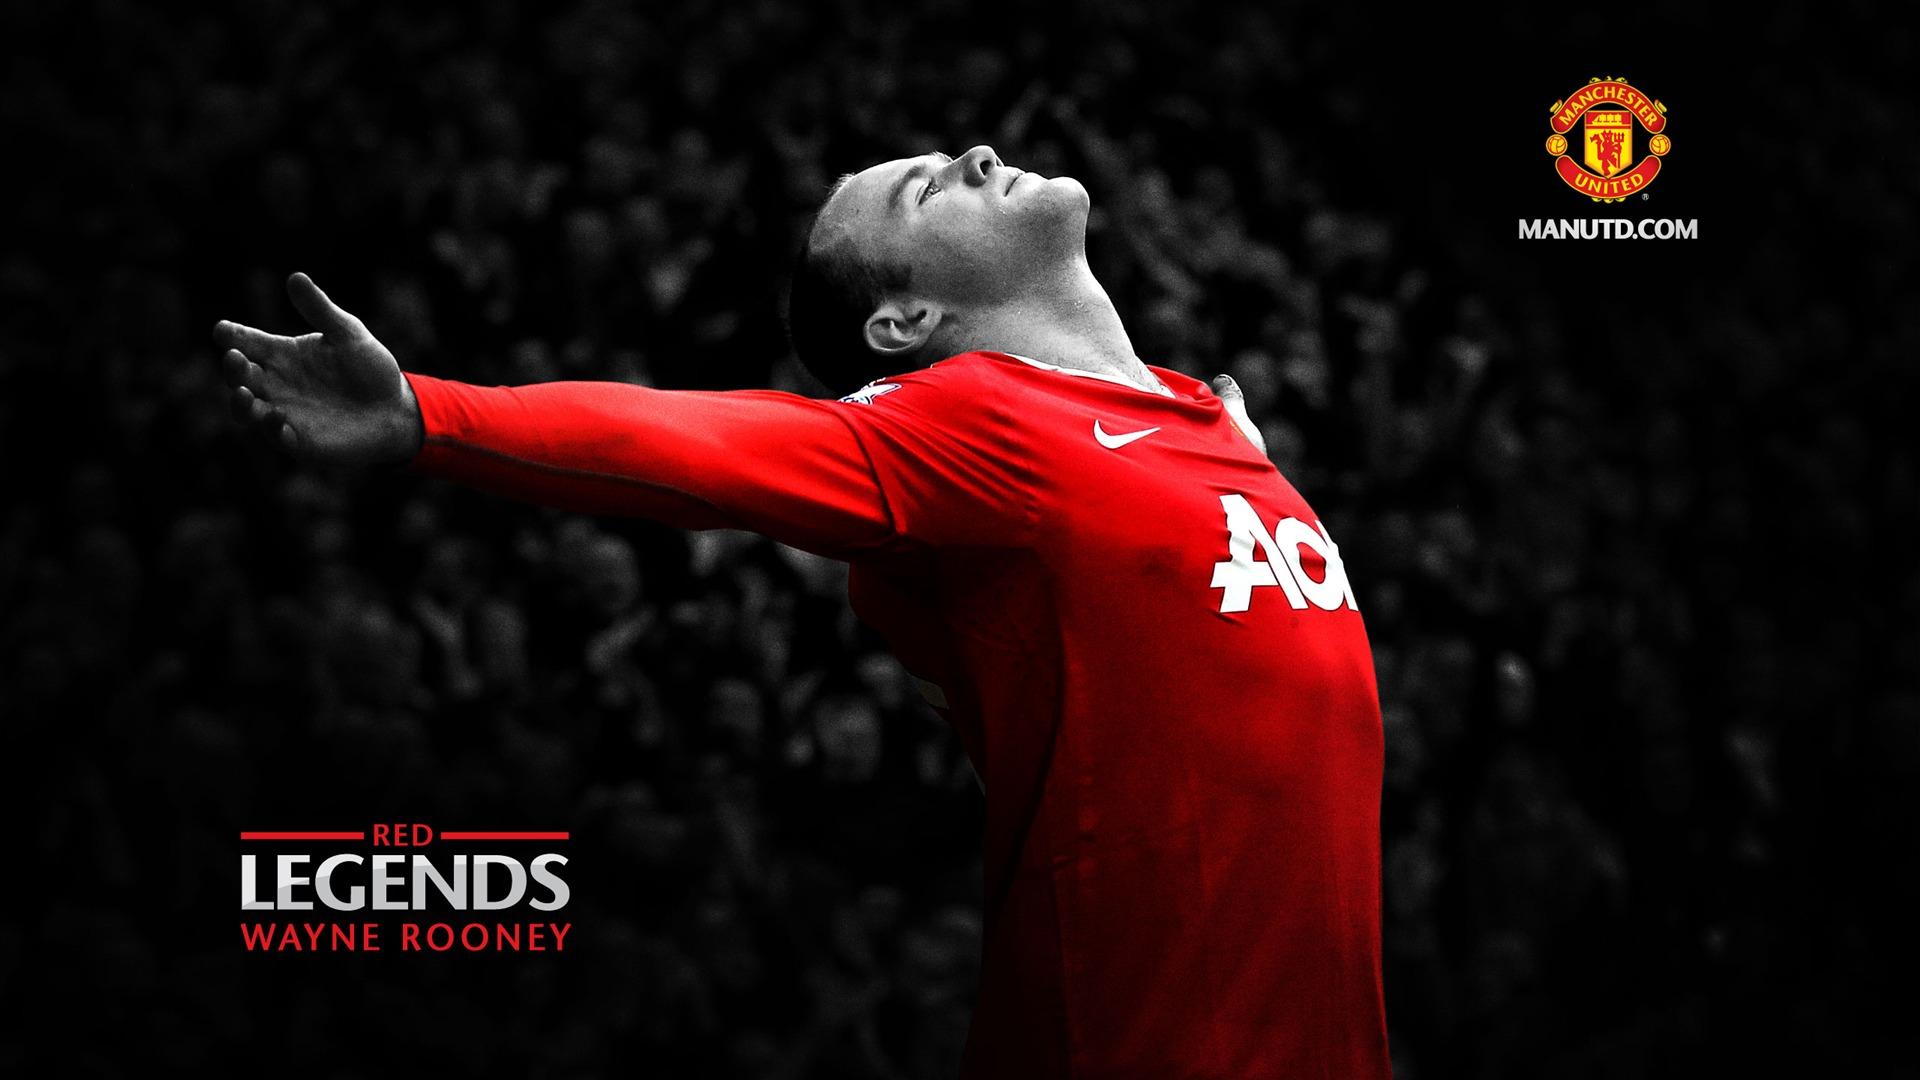 Những khoảnh khắc đáng nhớ tại Man Utd do đích thân Wayne Rooney lựa chọn